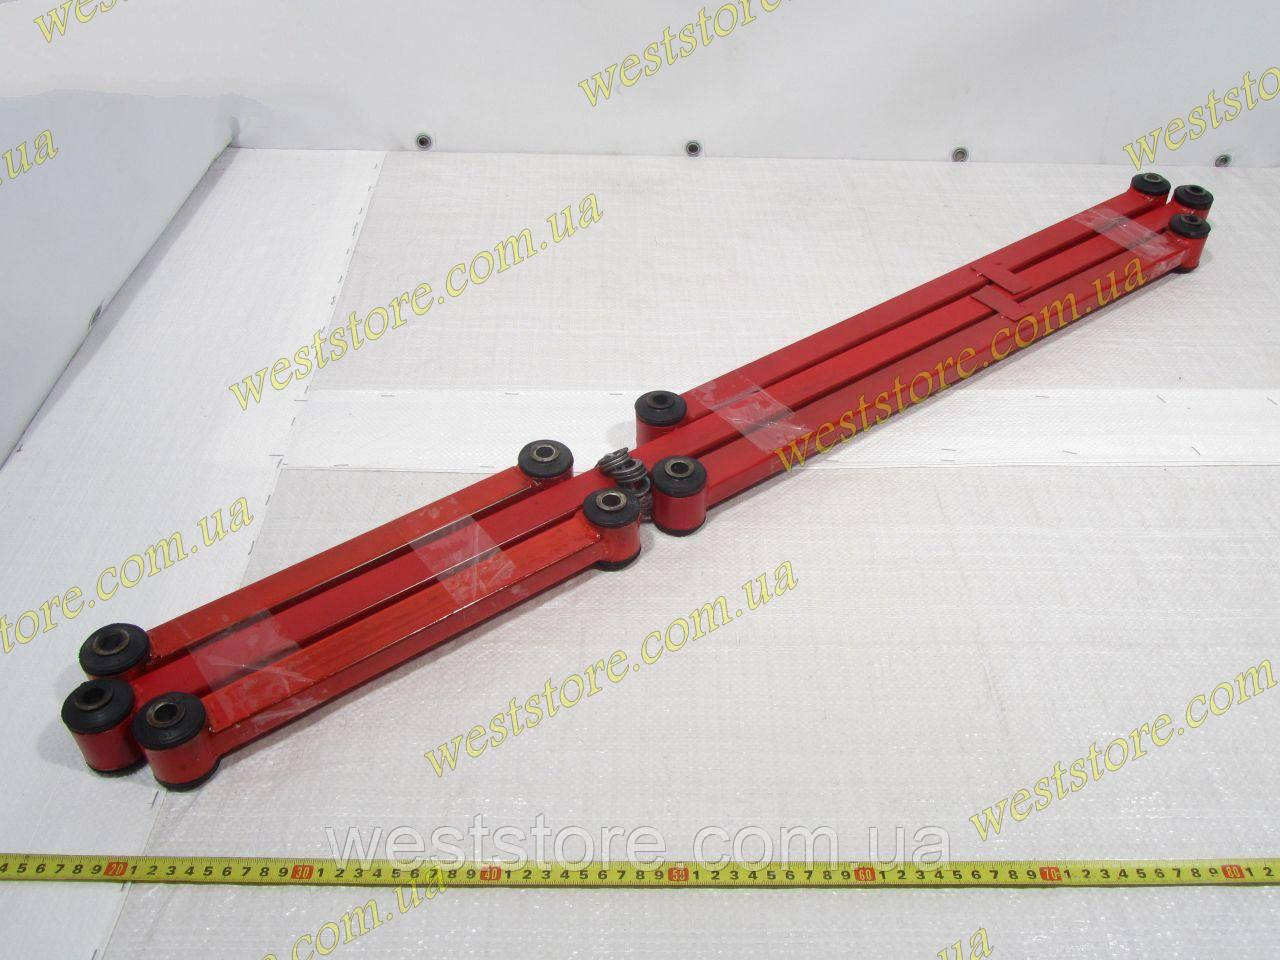 Тяги реактивные Ваз 2101 2102 2103 2104 2105 2106 2107 Плазма Спорт красные усиленные к-кт